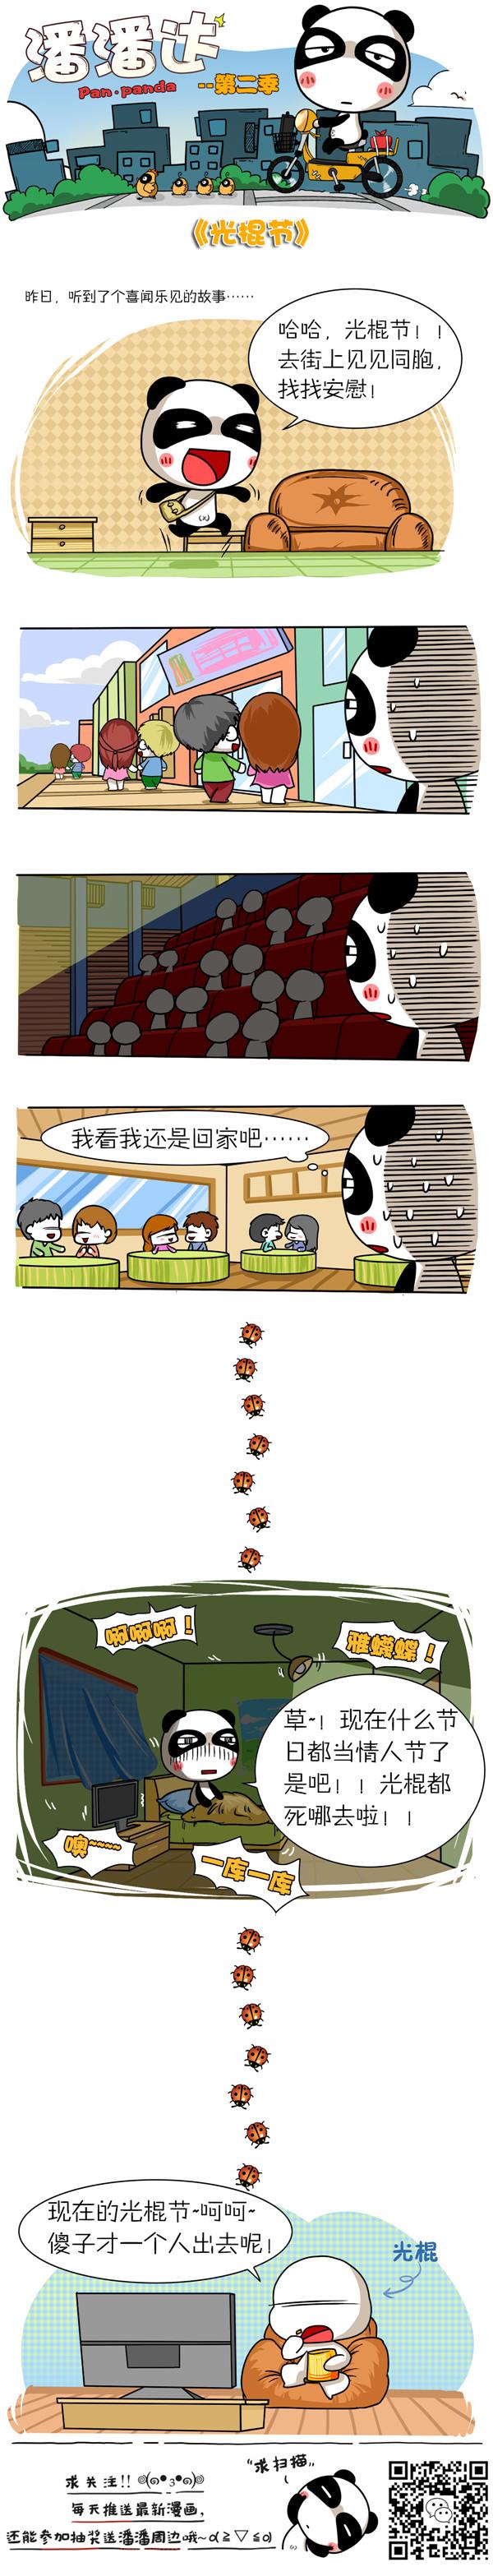 搞笑内涵四格漫画——光棍节特别篇